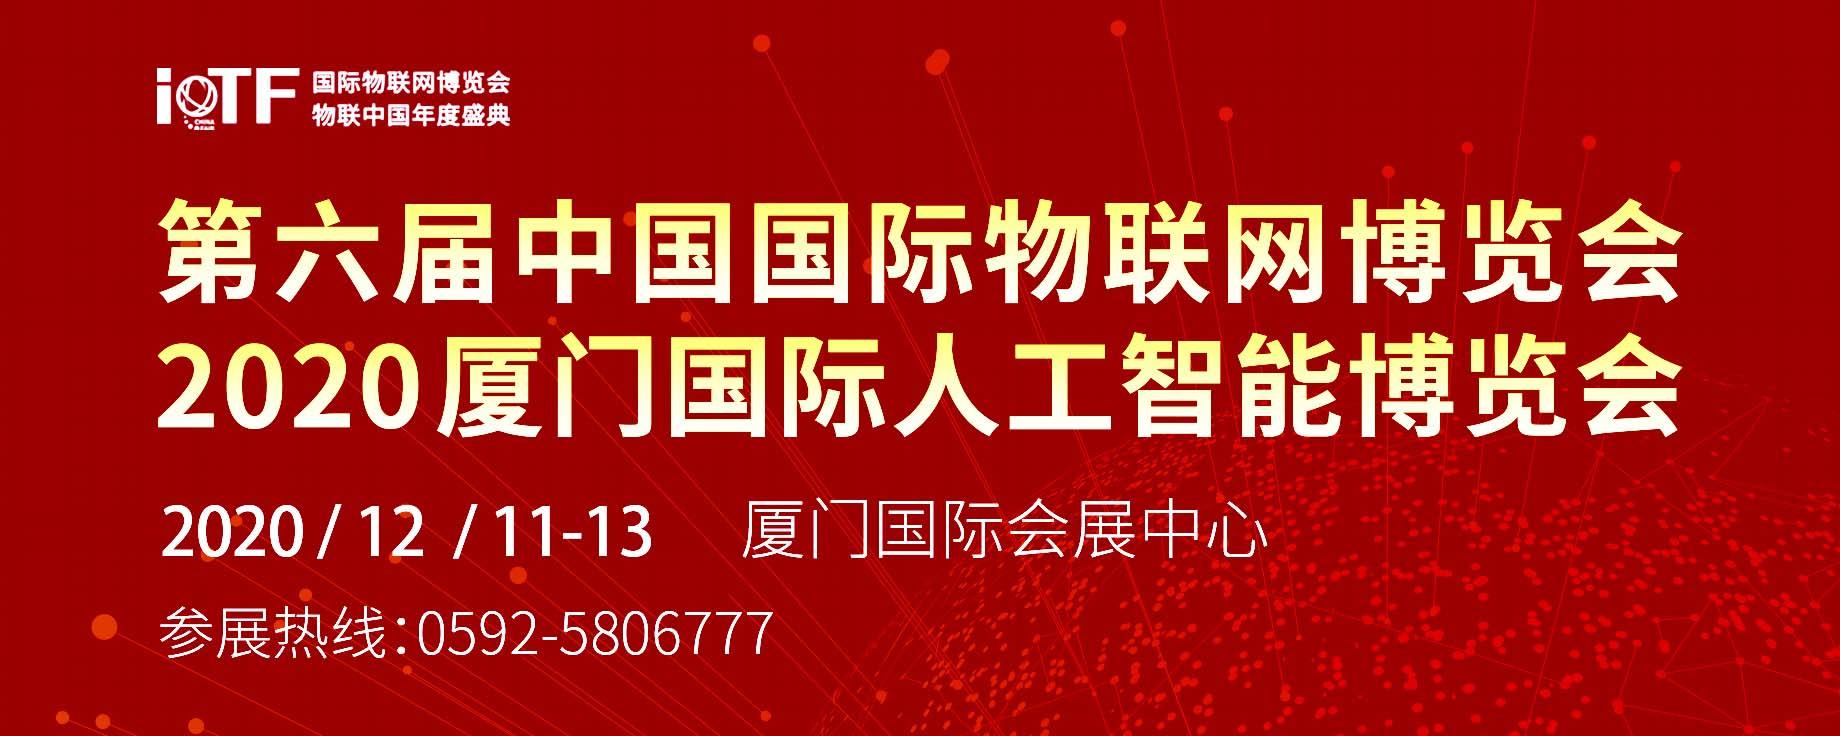 2020第六届中国国际物联网博览会与厦门人工智能博览会将于12月11日举办